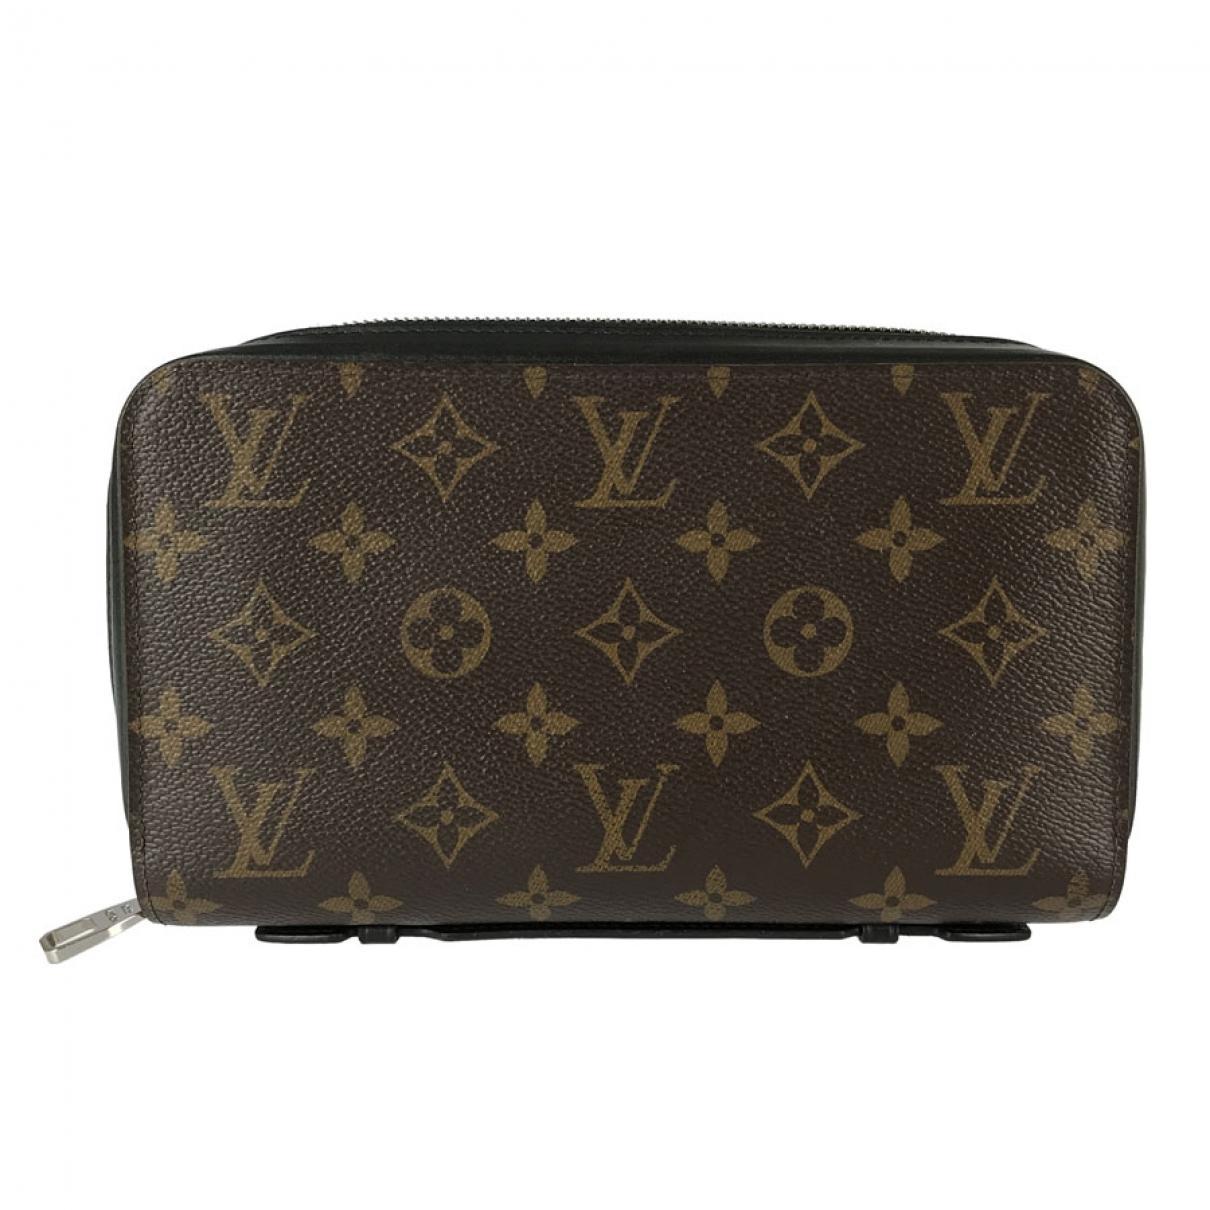 Louis Vuitton - Petite maroquinerie Zippy XL pour homme en toile - marron